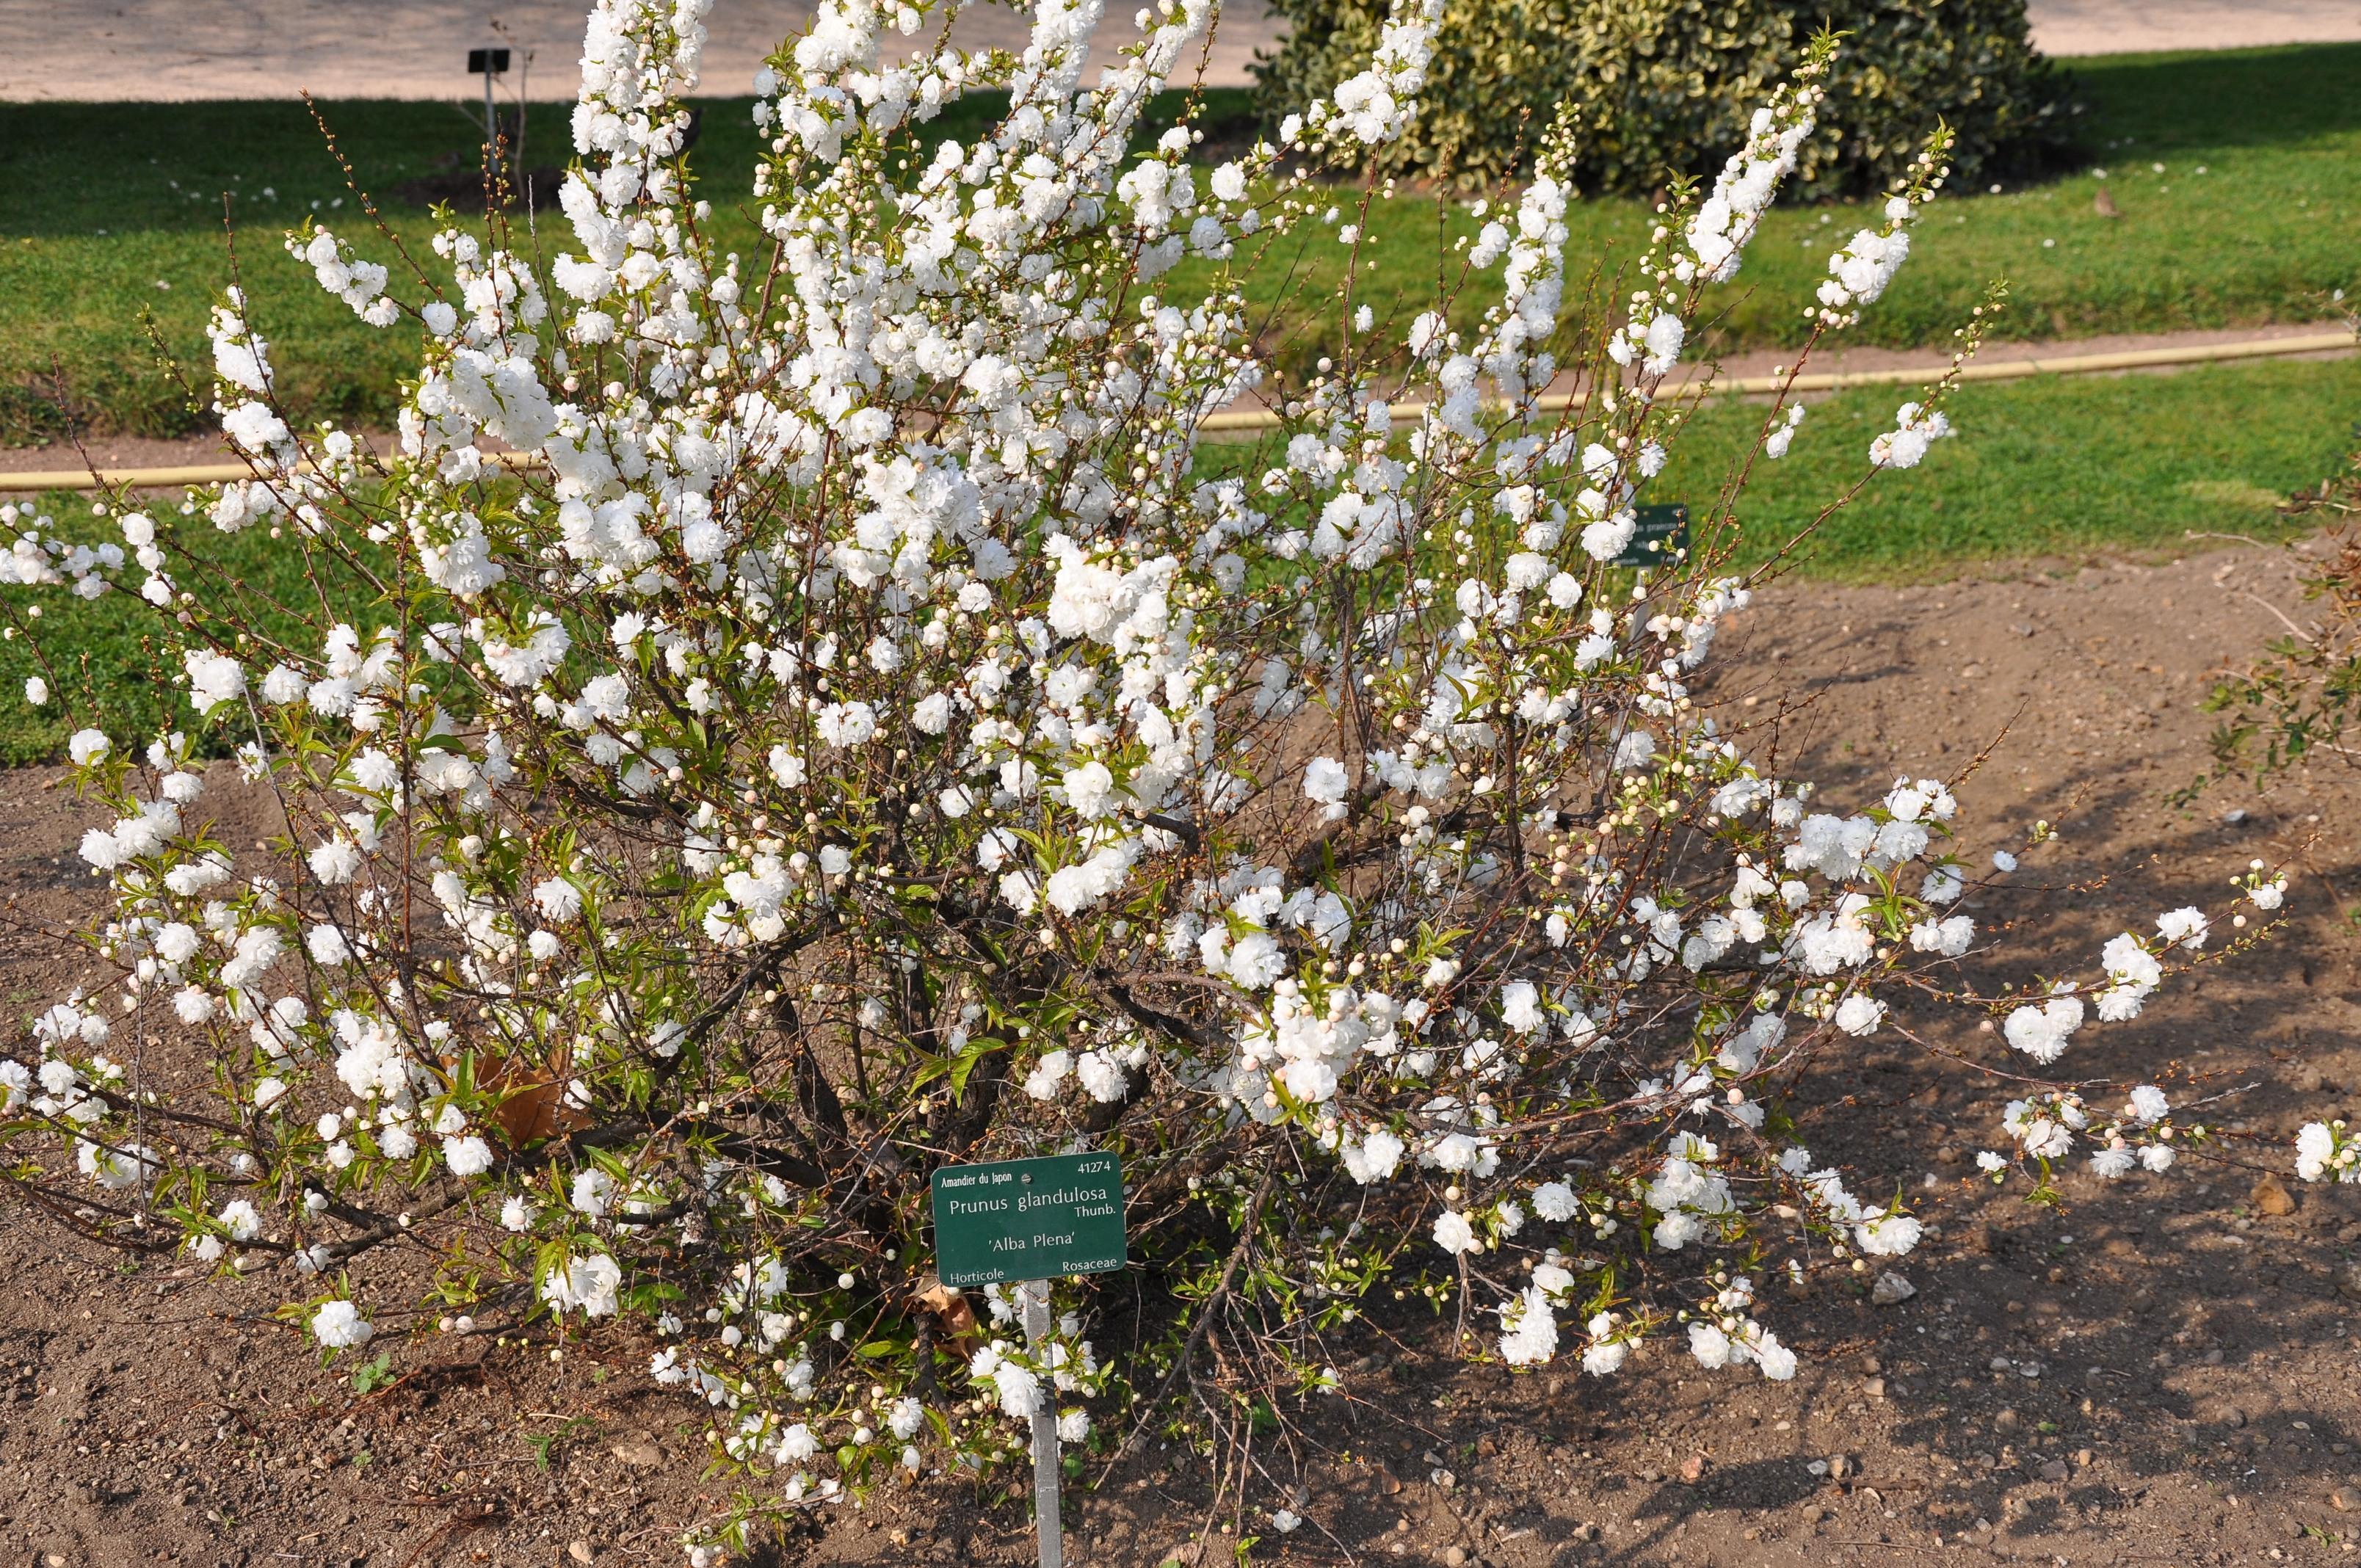 File prunus glandulosa 39 alba plena 39 in the jardin des for Jardin 5e paris